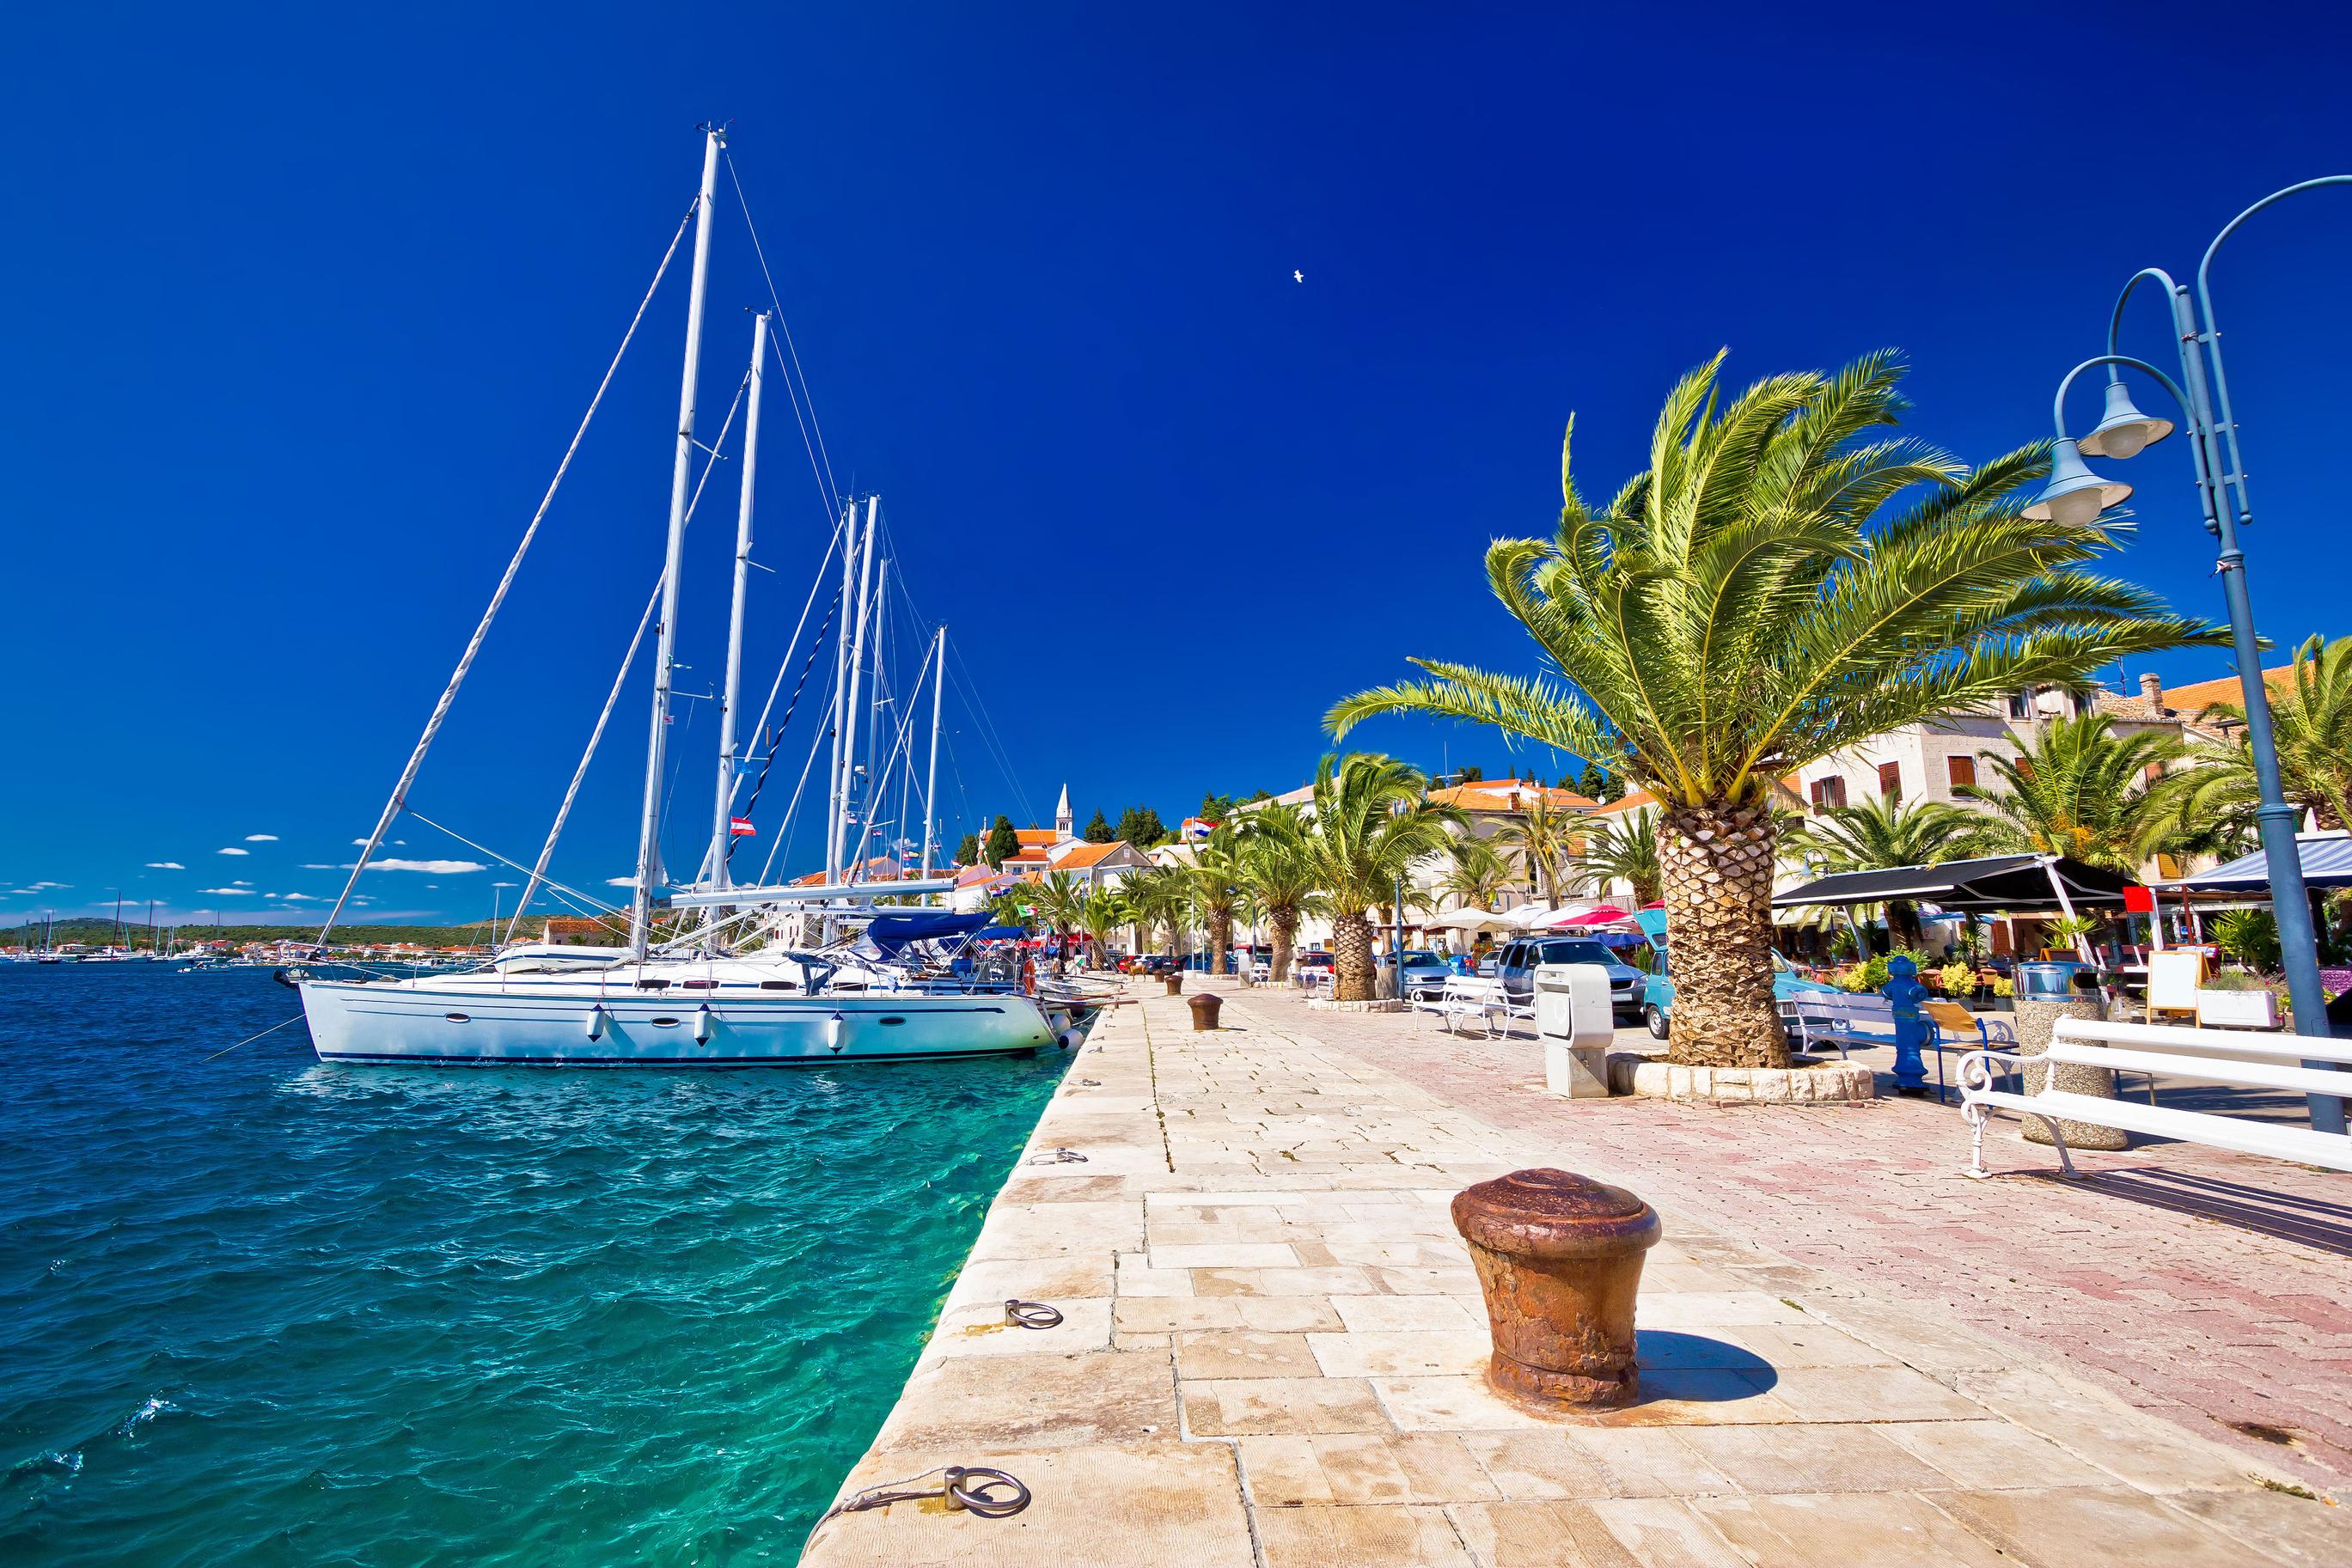 Att hyra båt i Kroatien genom MS Marintjänst är något ni måste prova. Vi lovar er hög personlig service och vi gör vårt yttersta för att er båtsemester i Kroatien ska bli er bästa semester någonsin